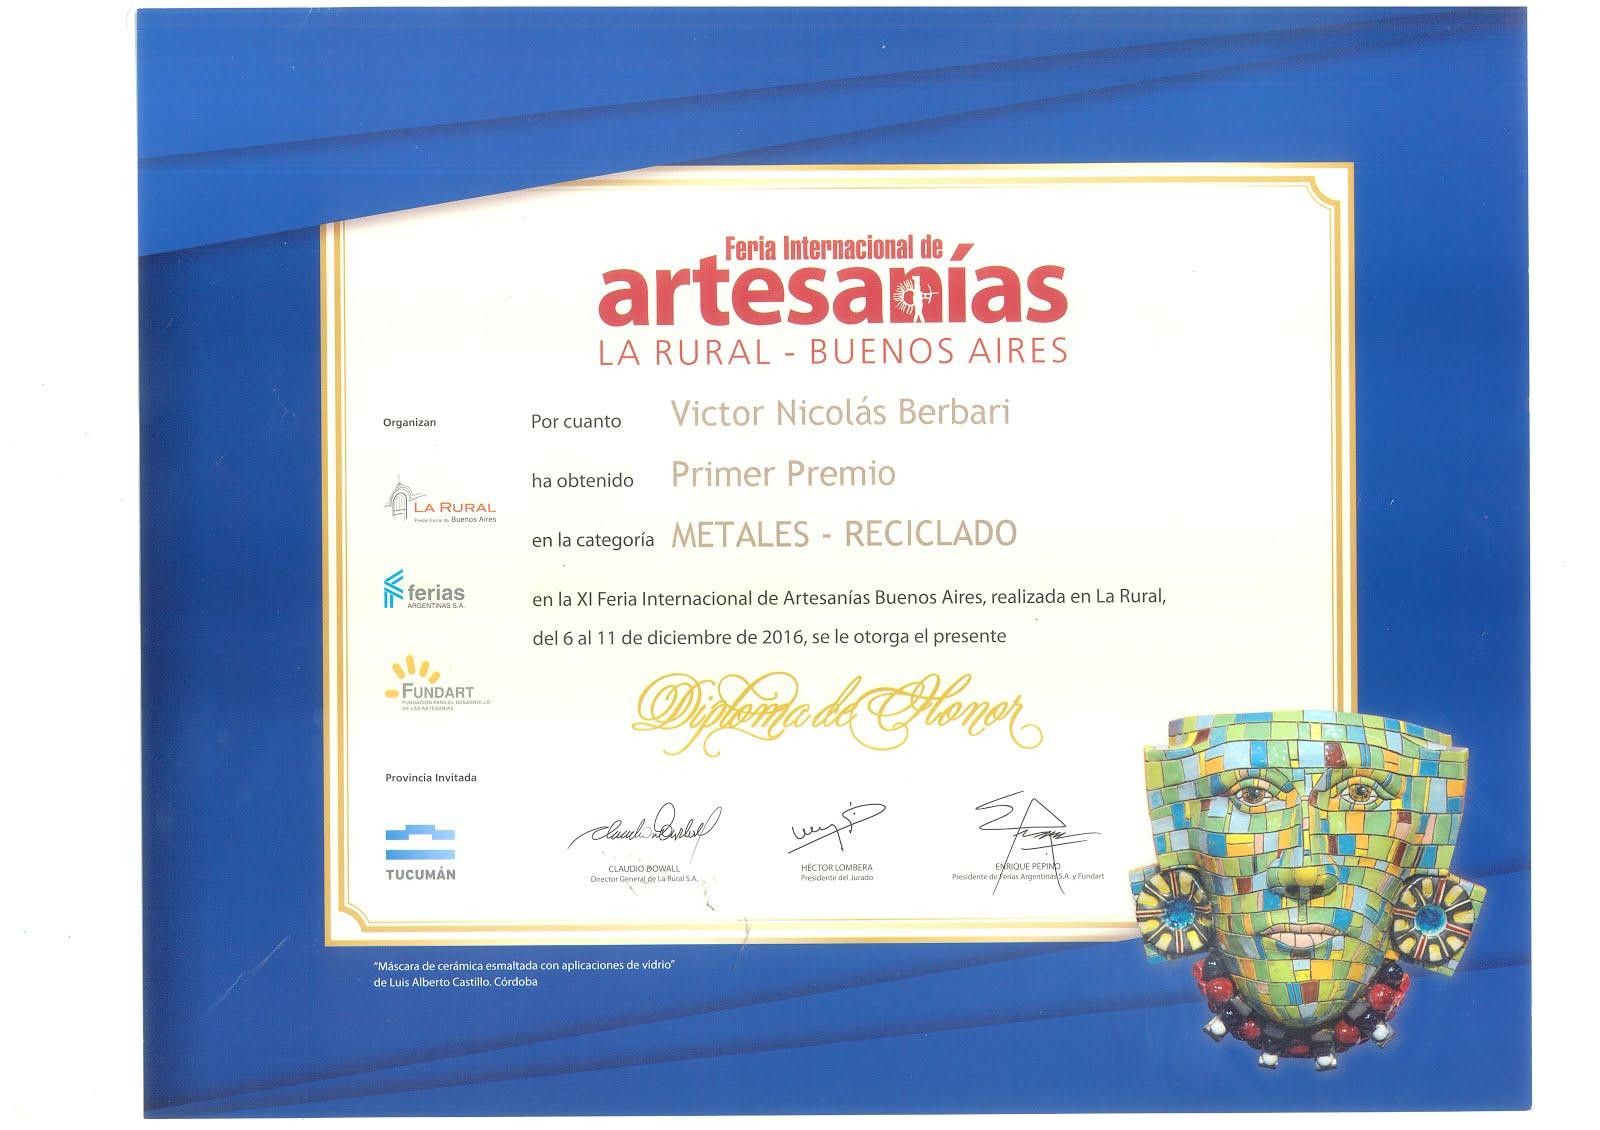 Feria de artesanías LA RURAL 2016